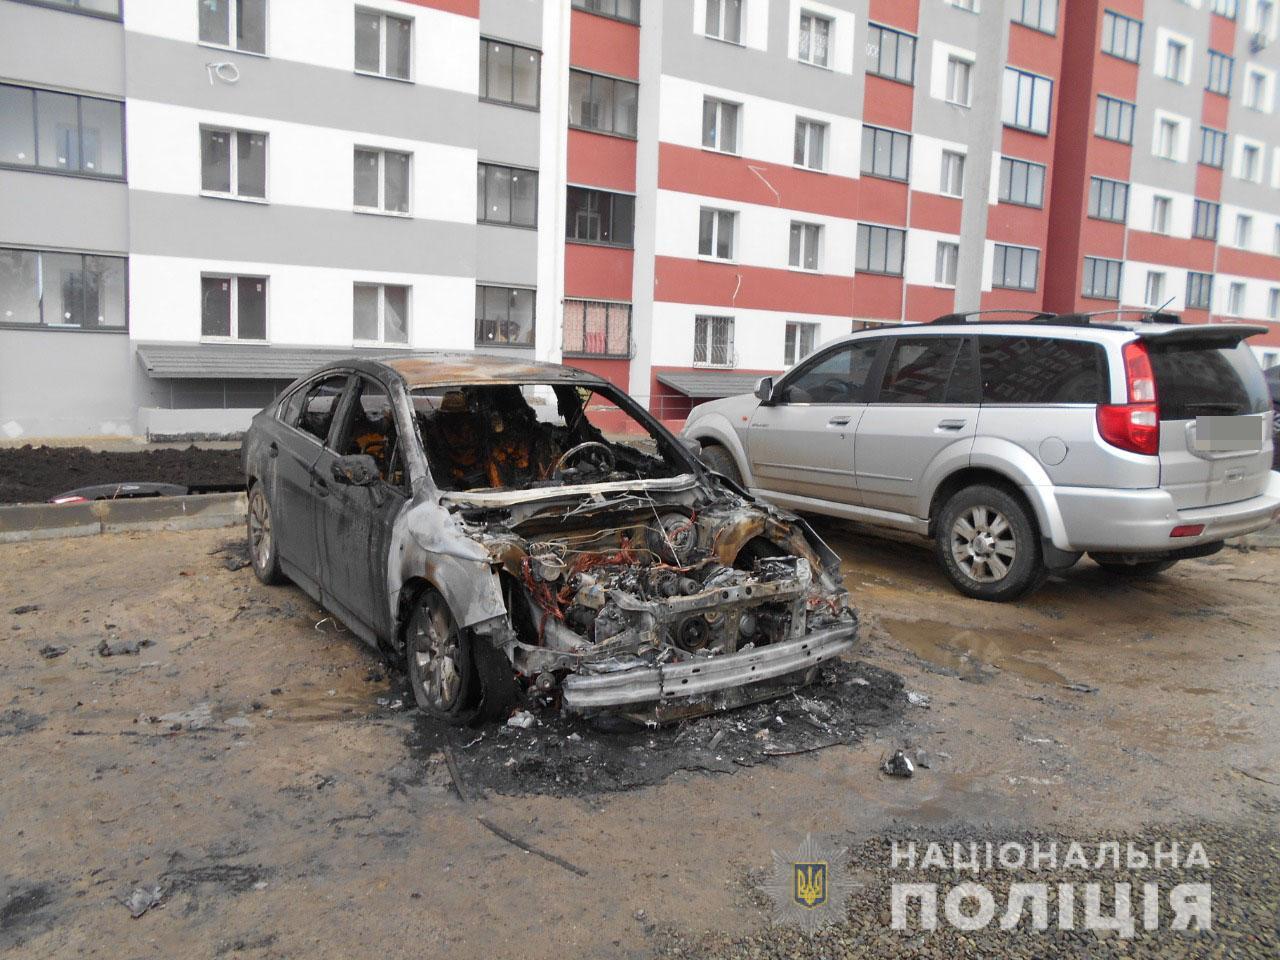 Сепаратизм вредит здоровью - в Харькове неизвестные сожгли две машины - фото 1